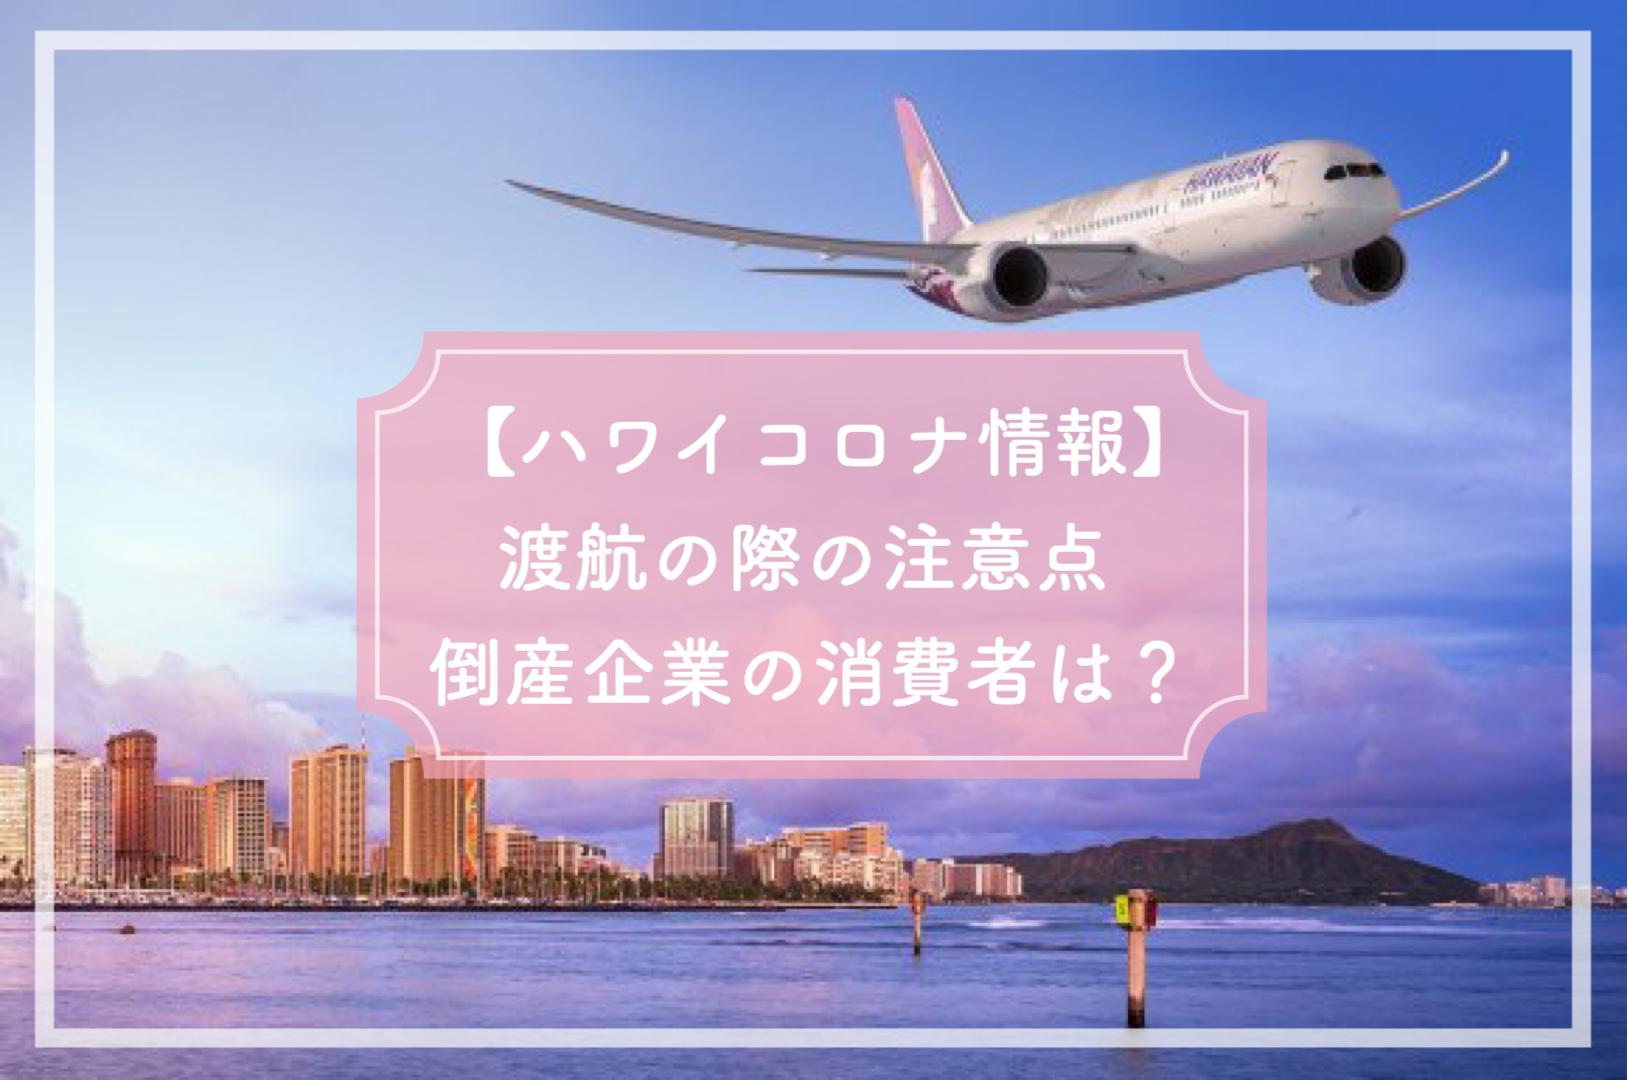 【ハワイコロナ情報】渡航の際の注意点 倒産企業の消費者は?